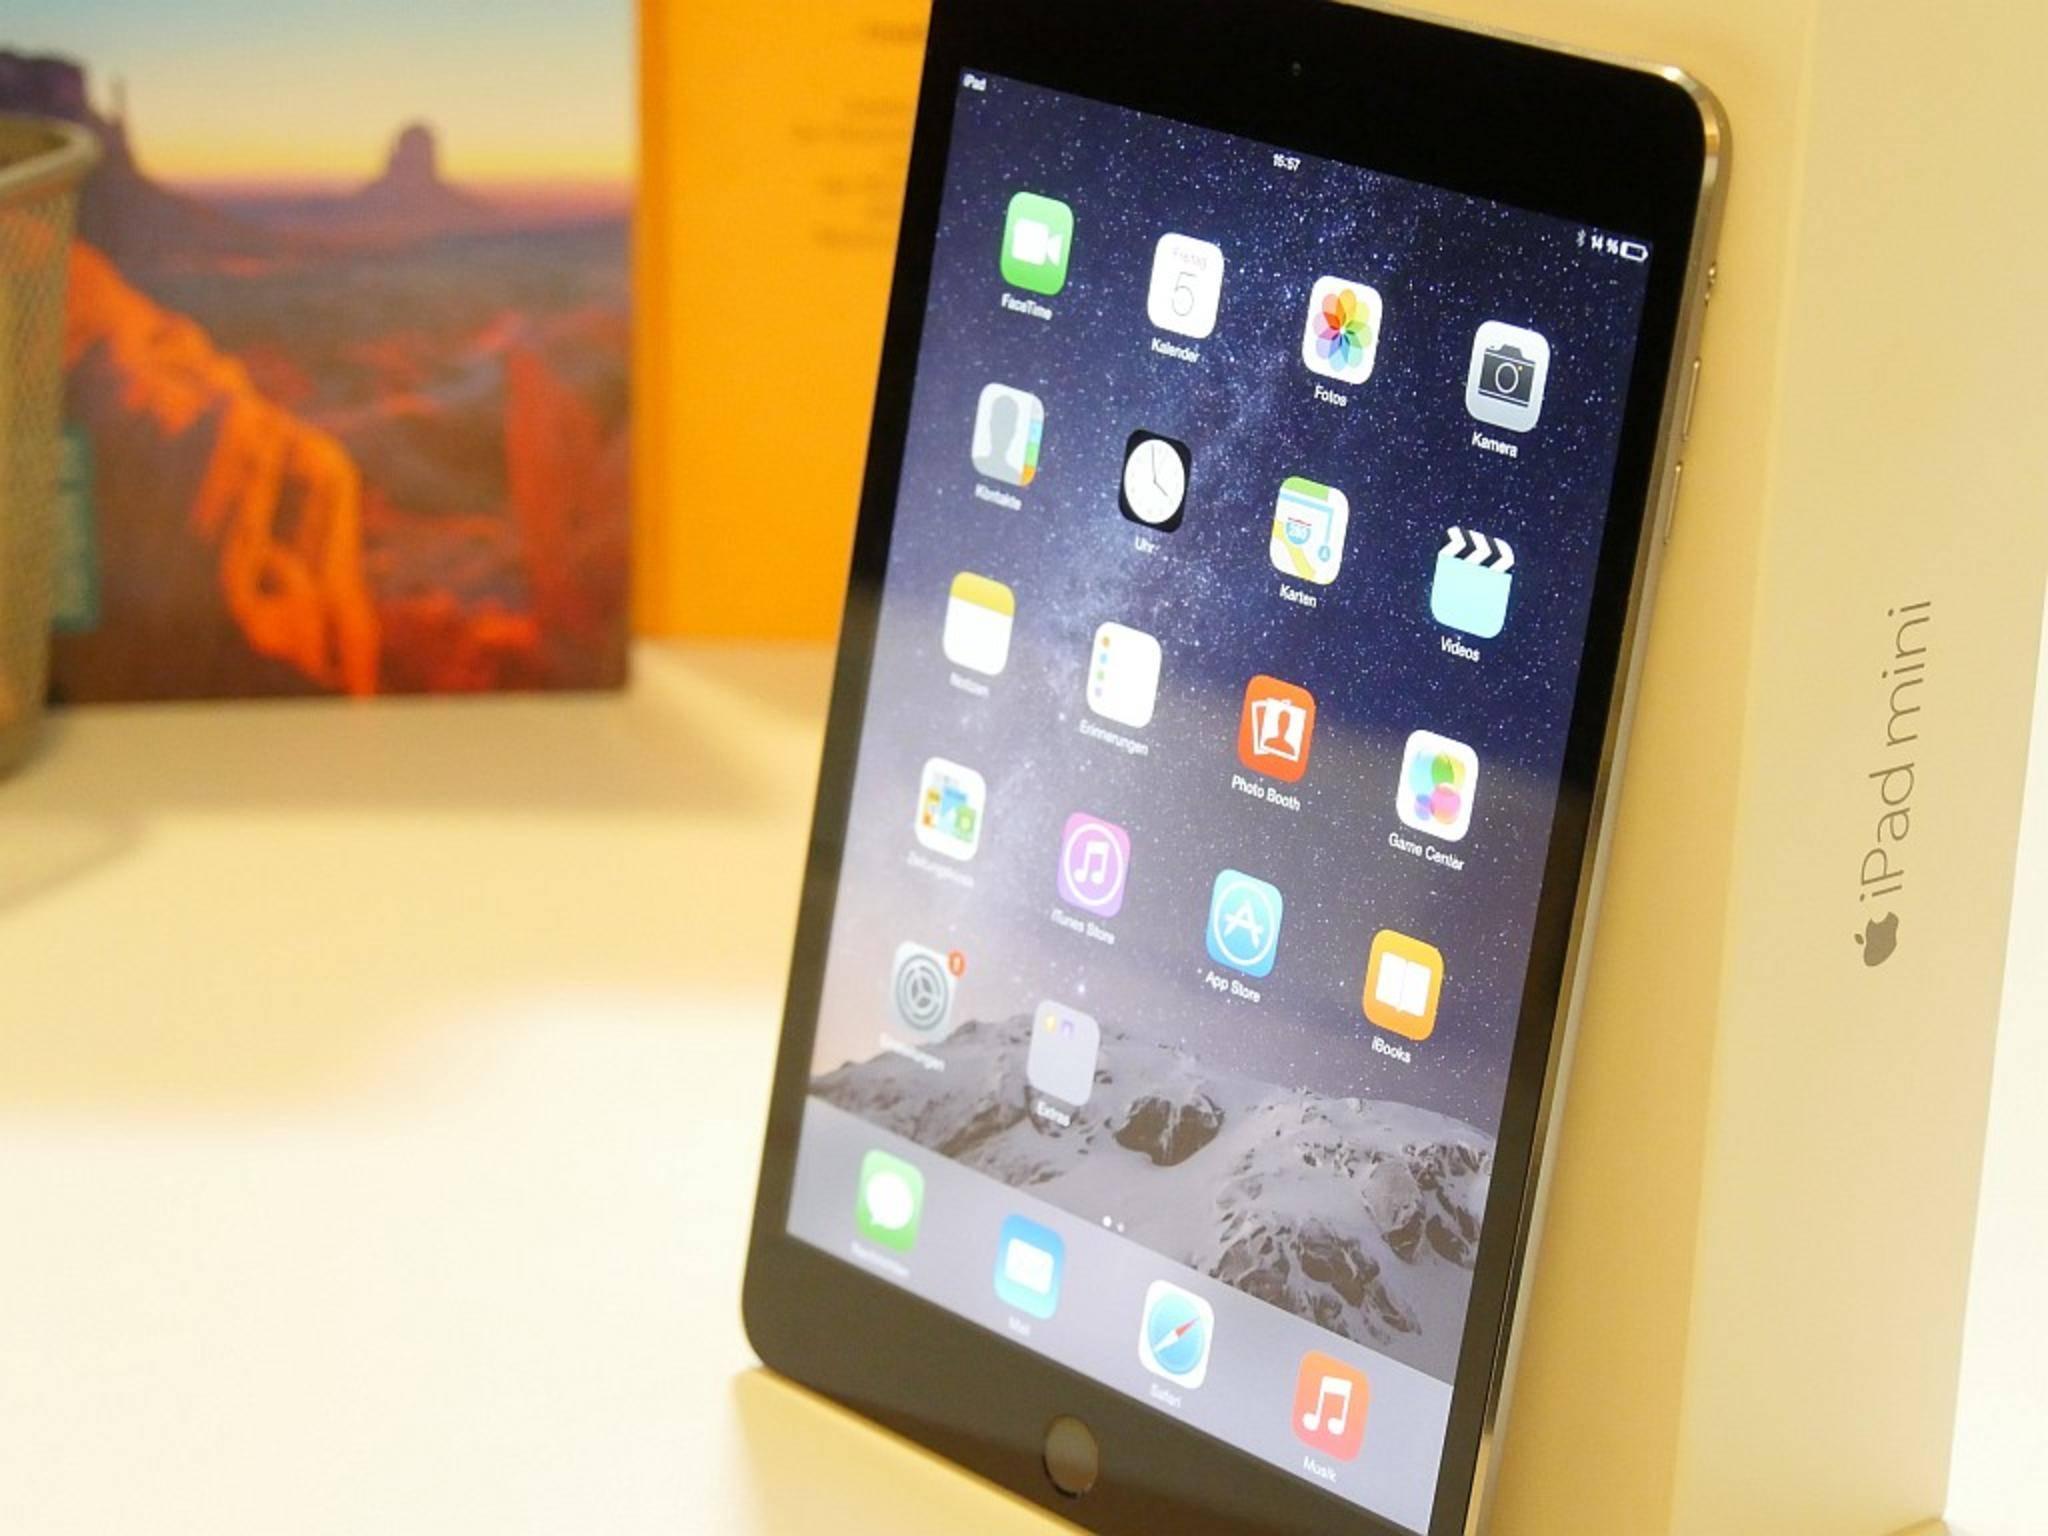 Das iPad mini 4 ist deutlich leistungsfähiger als das mini 3 und reicht fast an das iPad Air 2 heran.